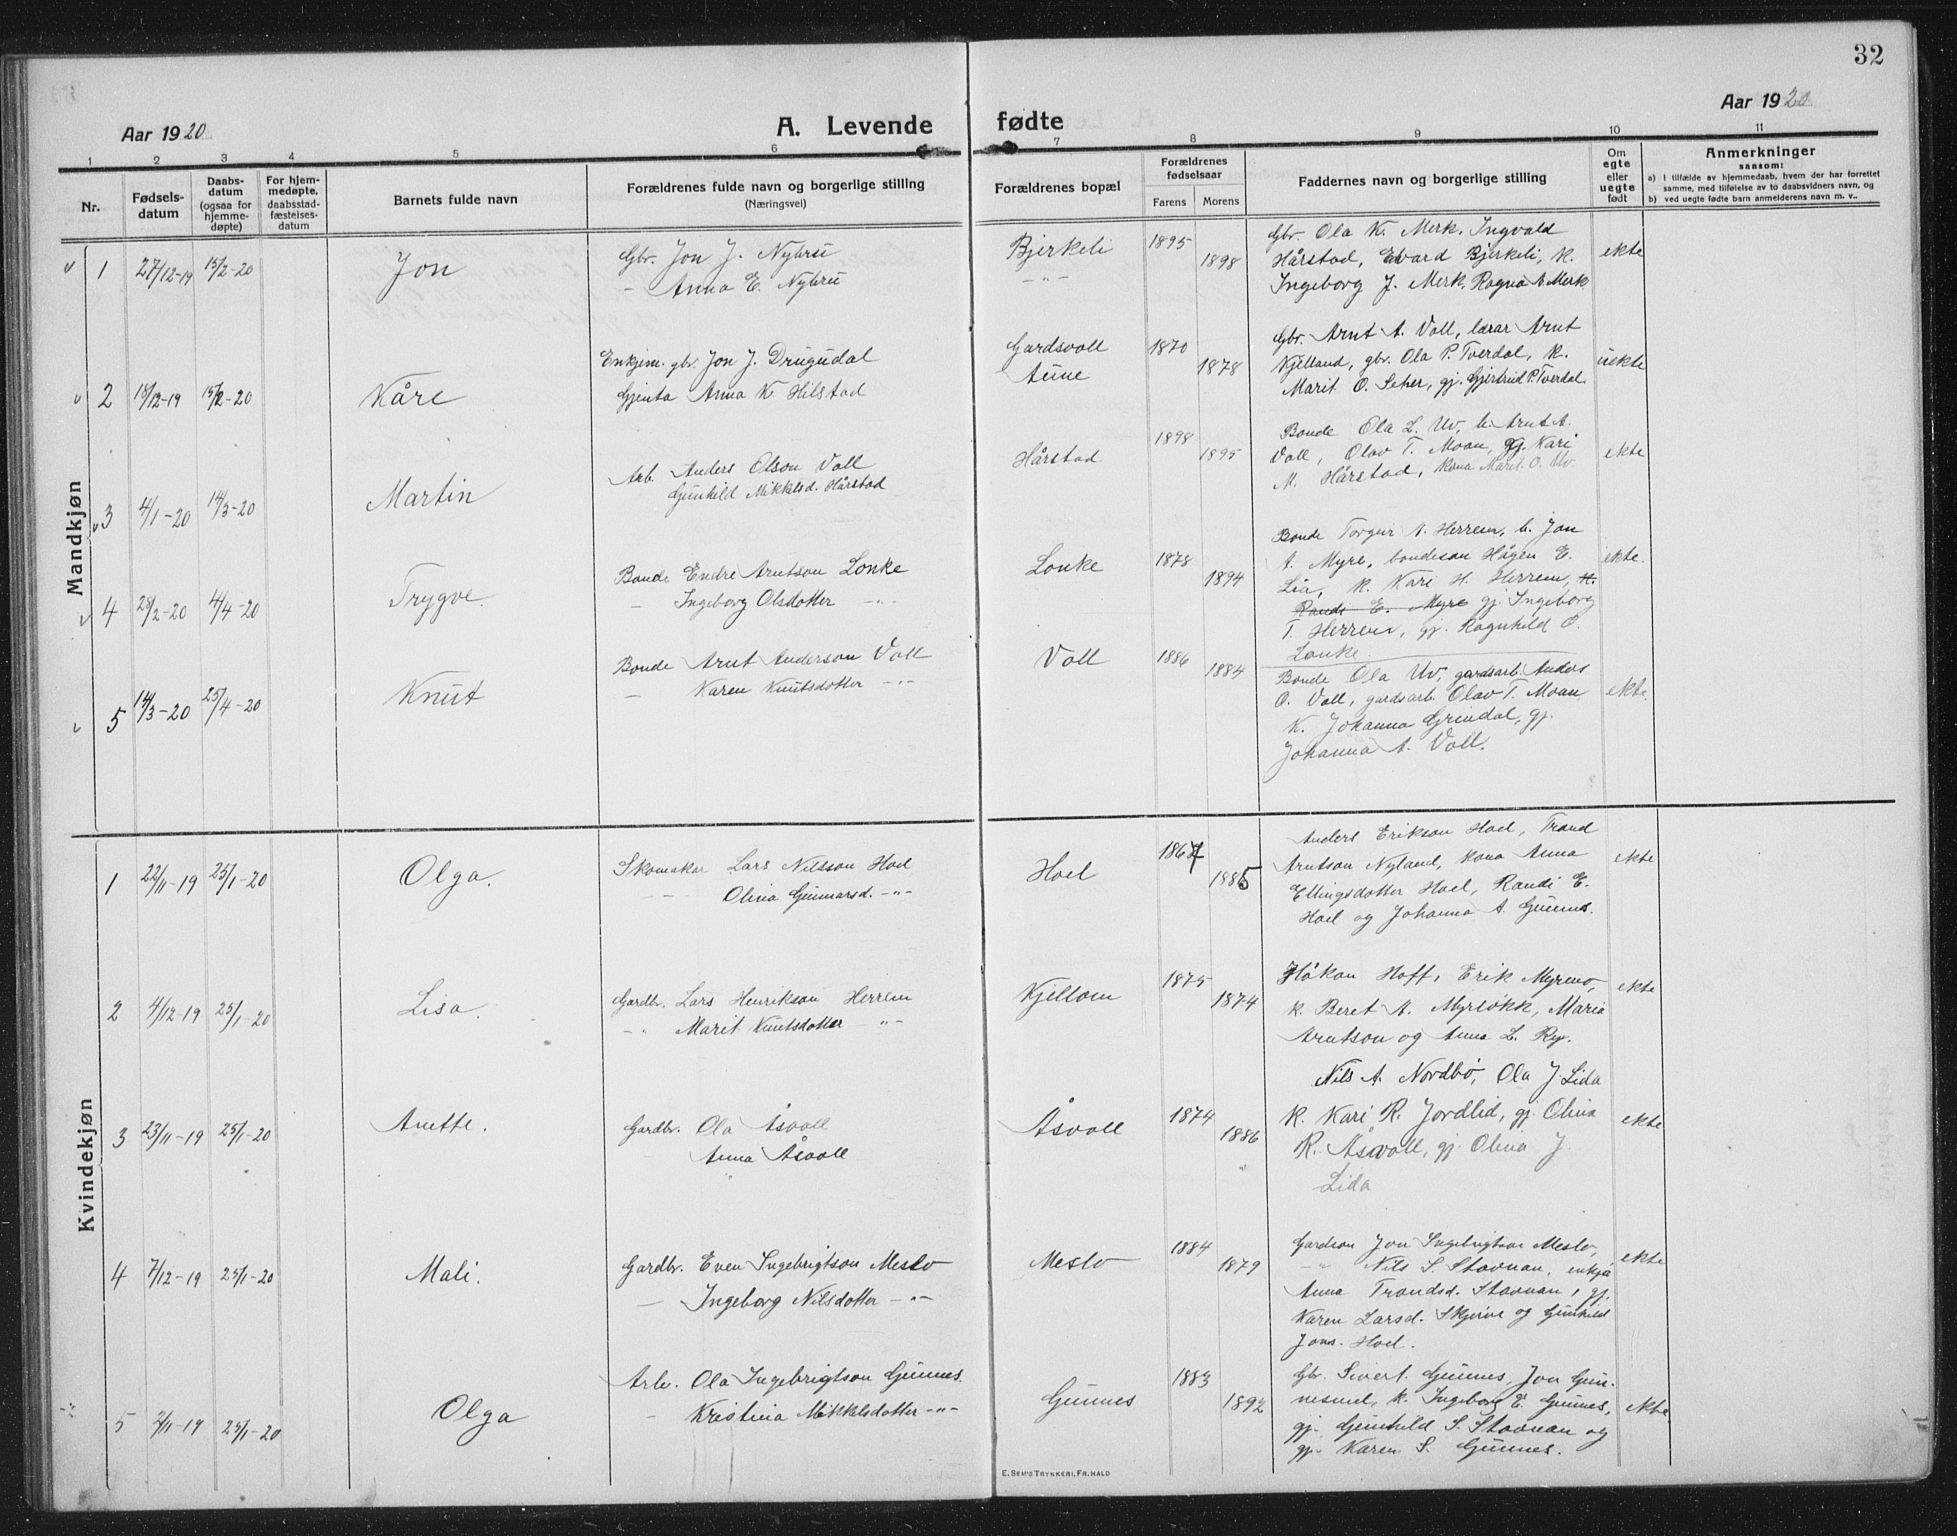 SAT, Ministerialprotokoller, klokkerbøker og fødselsregistre - Sør-Trøndelag, 674/L0877: Klokkerbok nr. 674C04, 1913-1940, s. 32